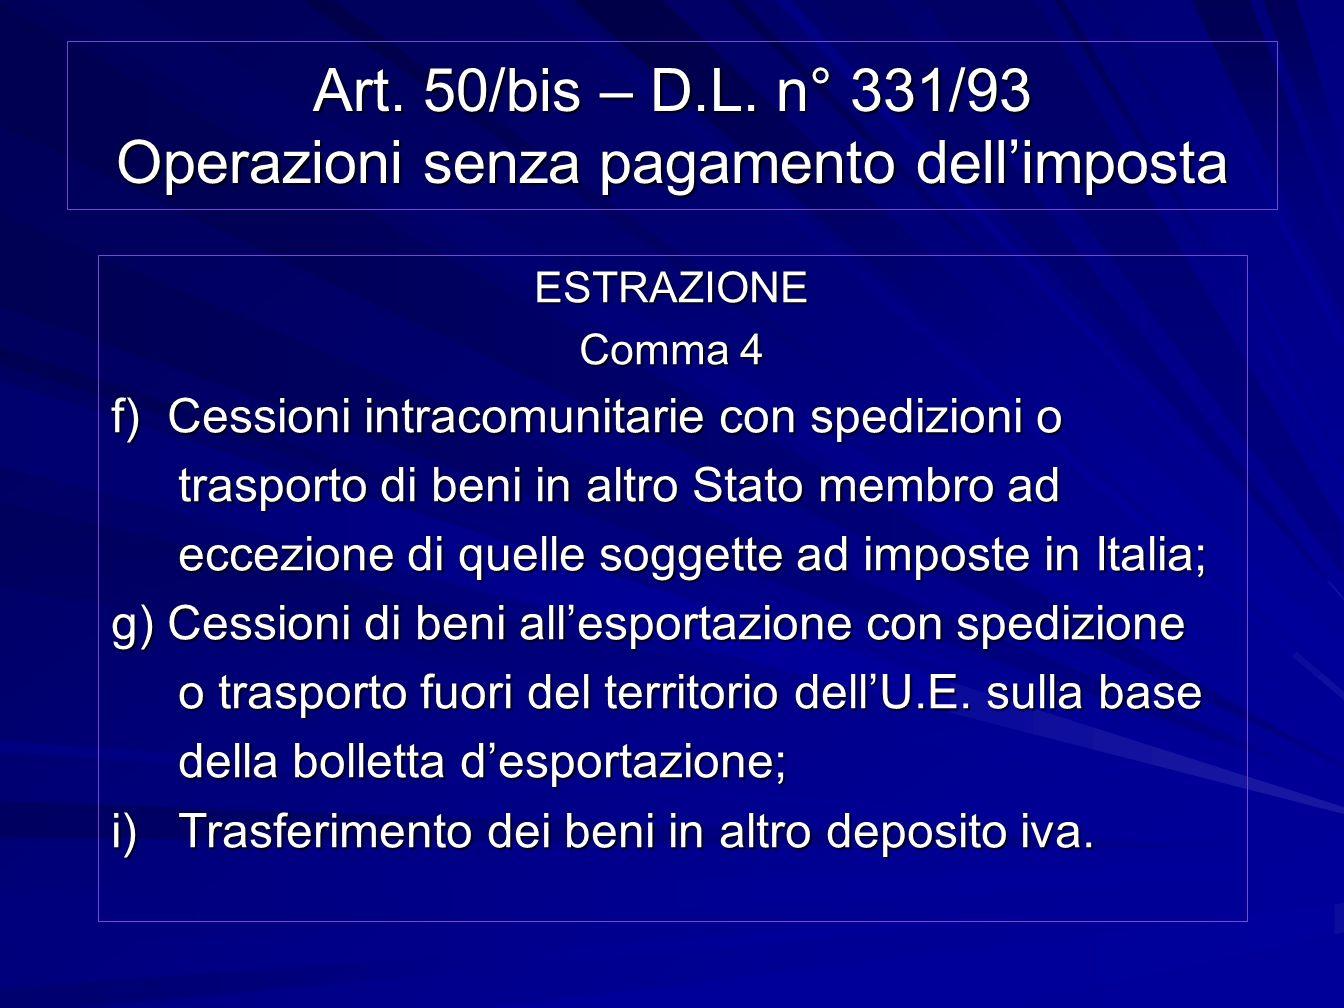 Art. 50/bis – D.L. n° 331/93 Operazioni senza pagamento dellimposta ESTRAZIONE Comma 4 f) Cessioni intracomunitarie con spedizioni o trasporto di beni